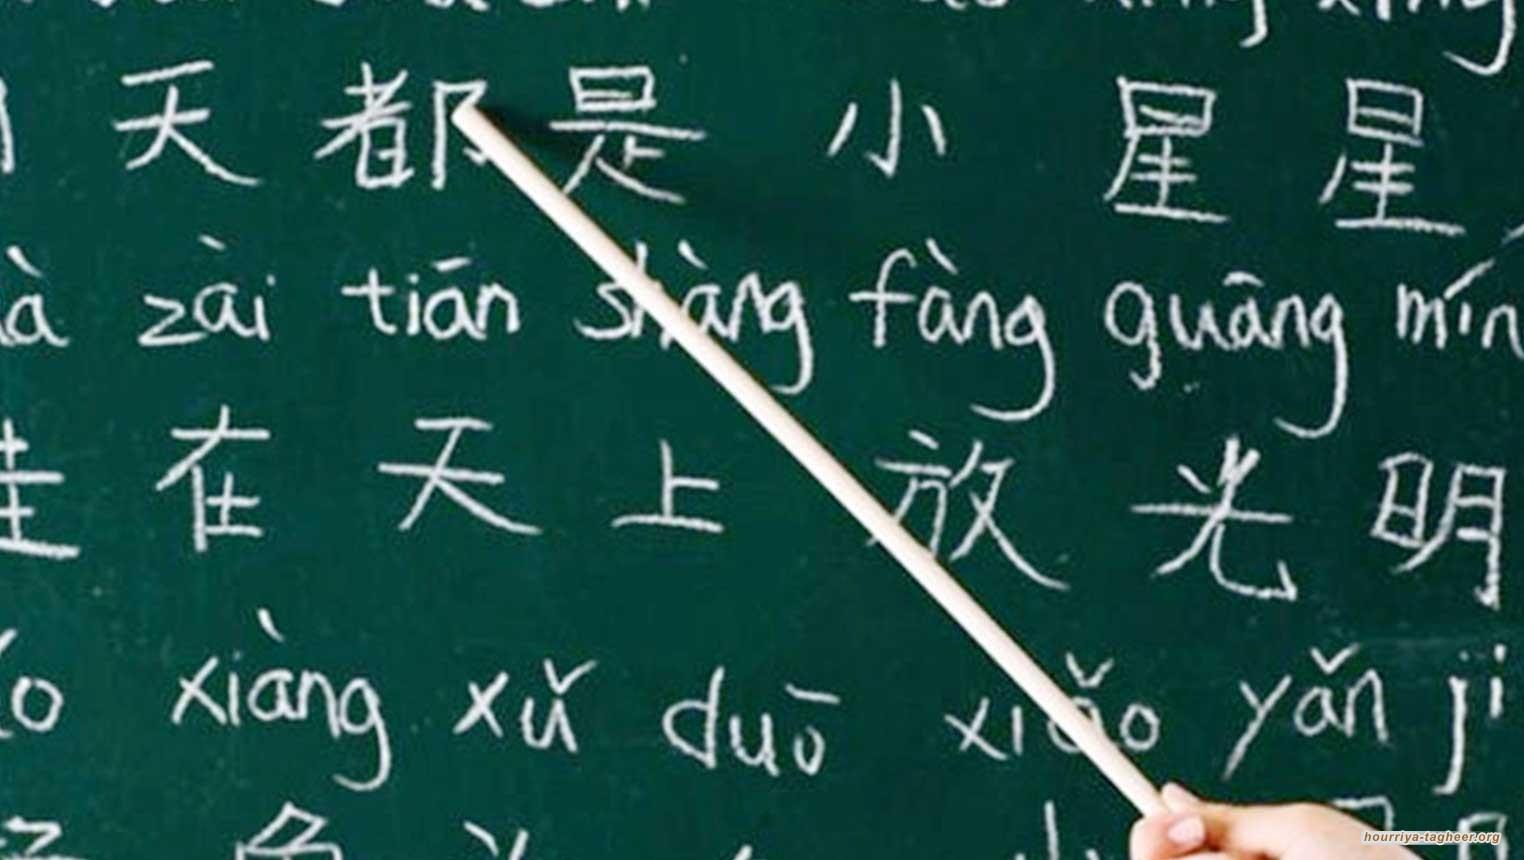 تدريس الصينية بالسعودية.. خطوة نوعية أم كمالية